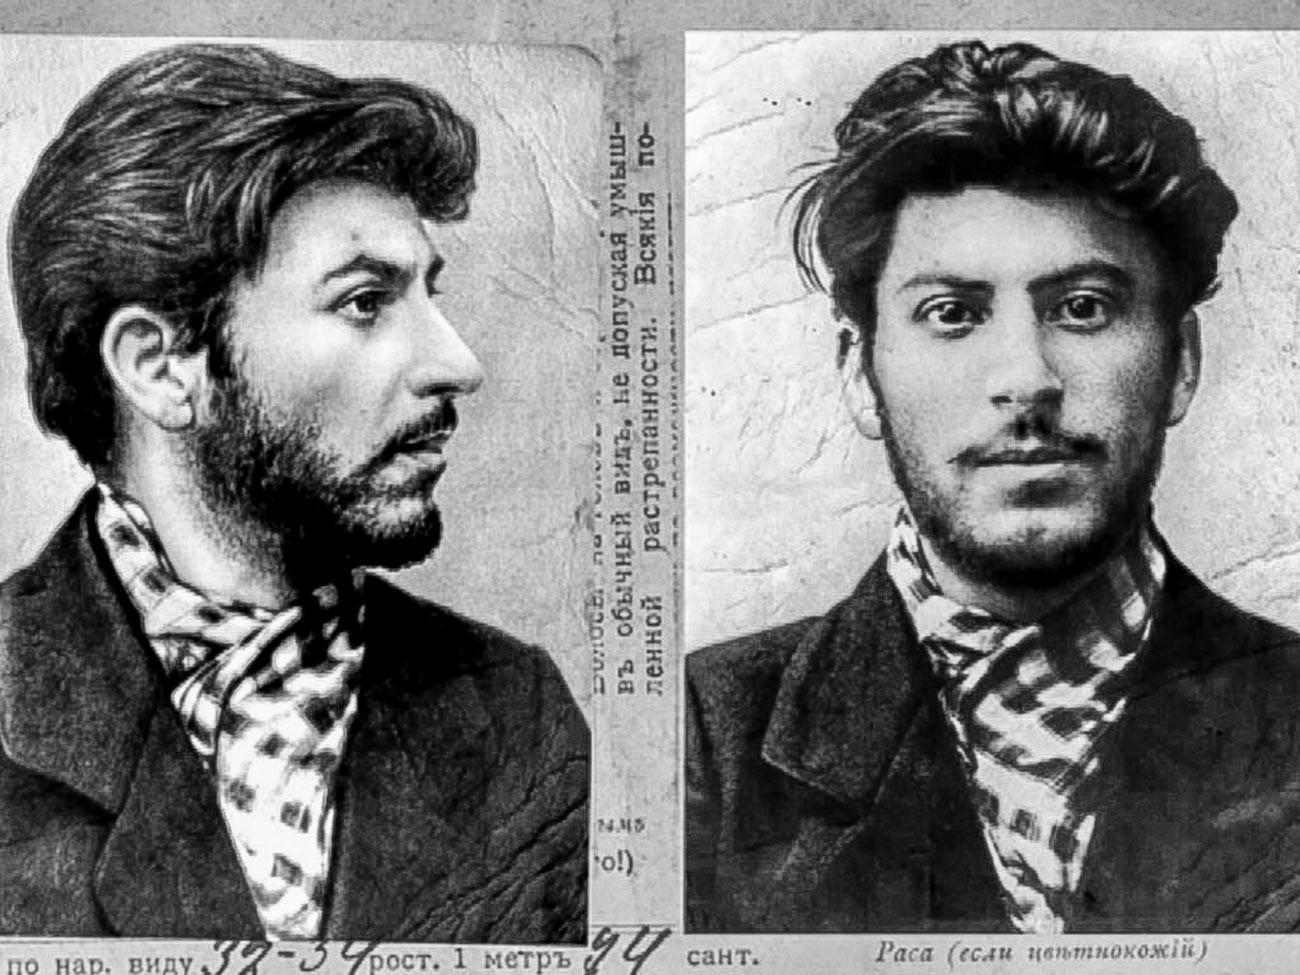 23-godišnji Staljin, policijski dosije, 1902.